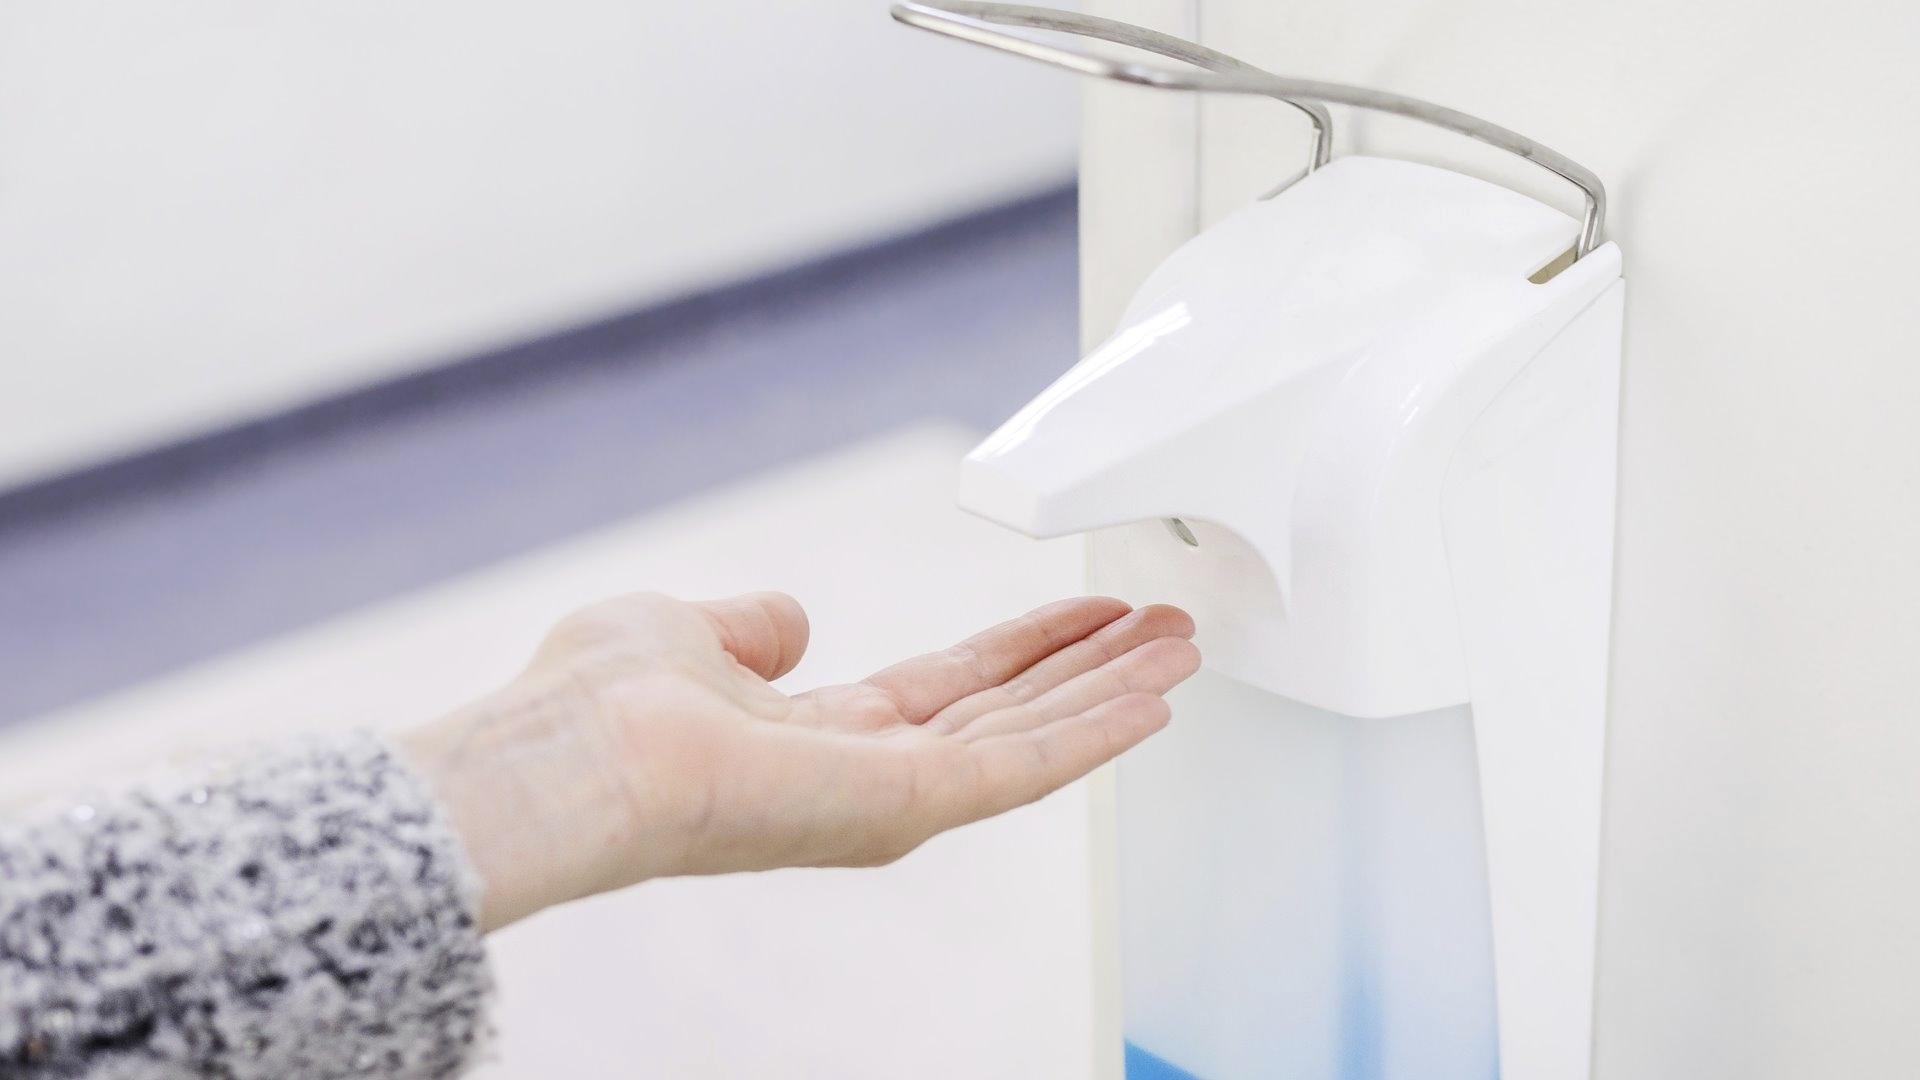 Käsihygienia on edelleen tärkeimpiä koronan torjuntakeinoja. Osa lentoyhtiöistä jakaa matkustajille suojapaketin, jossa on esimerkiksi maski, kumihanskat ja käsidesiä.